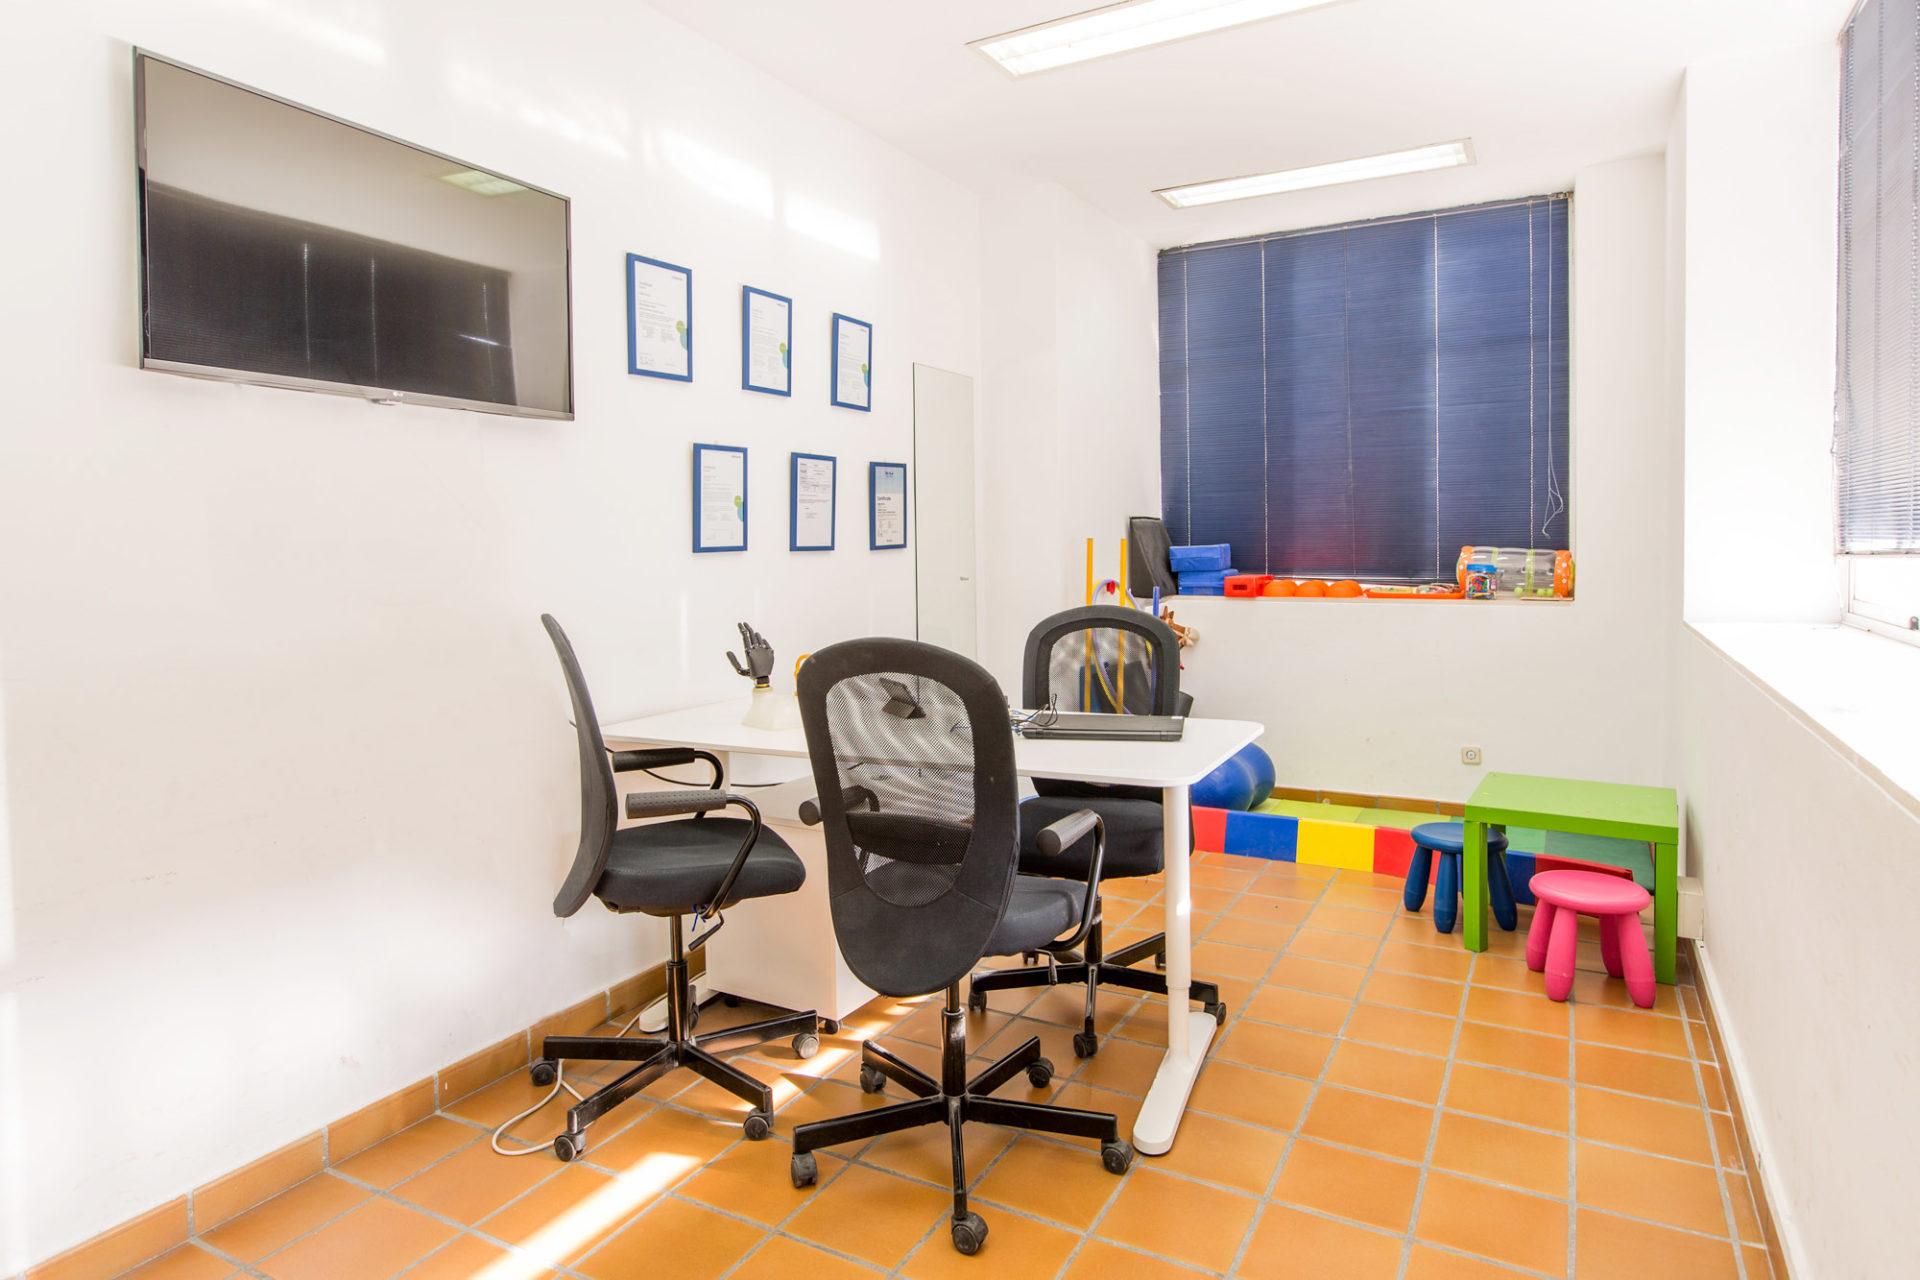 gabinete-terapia-ortosur-web-nuestras-instalaciones